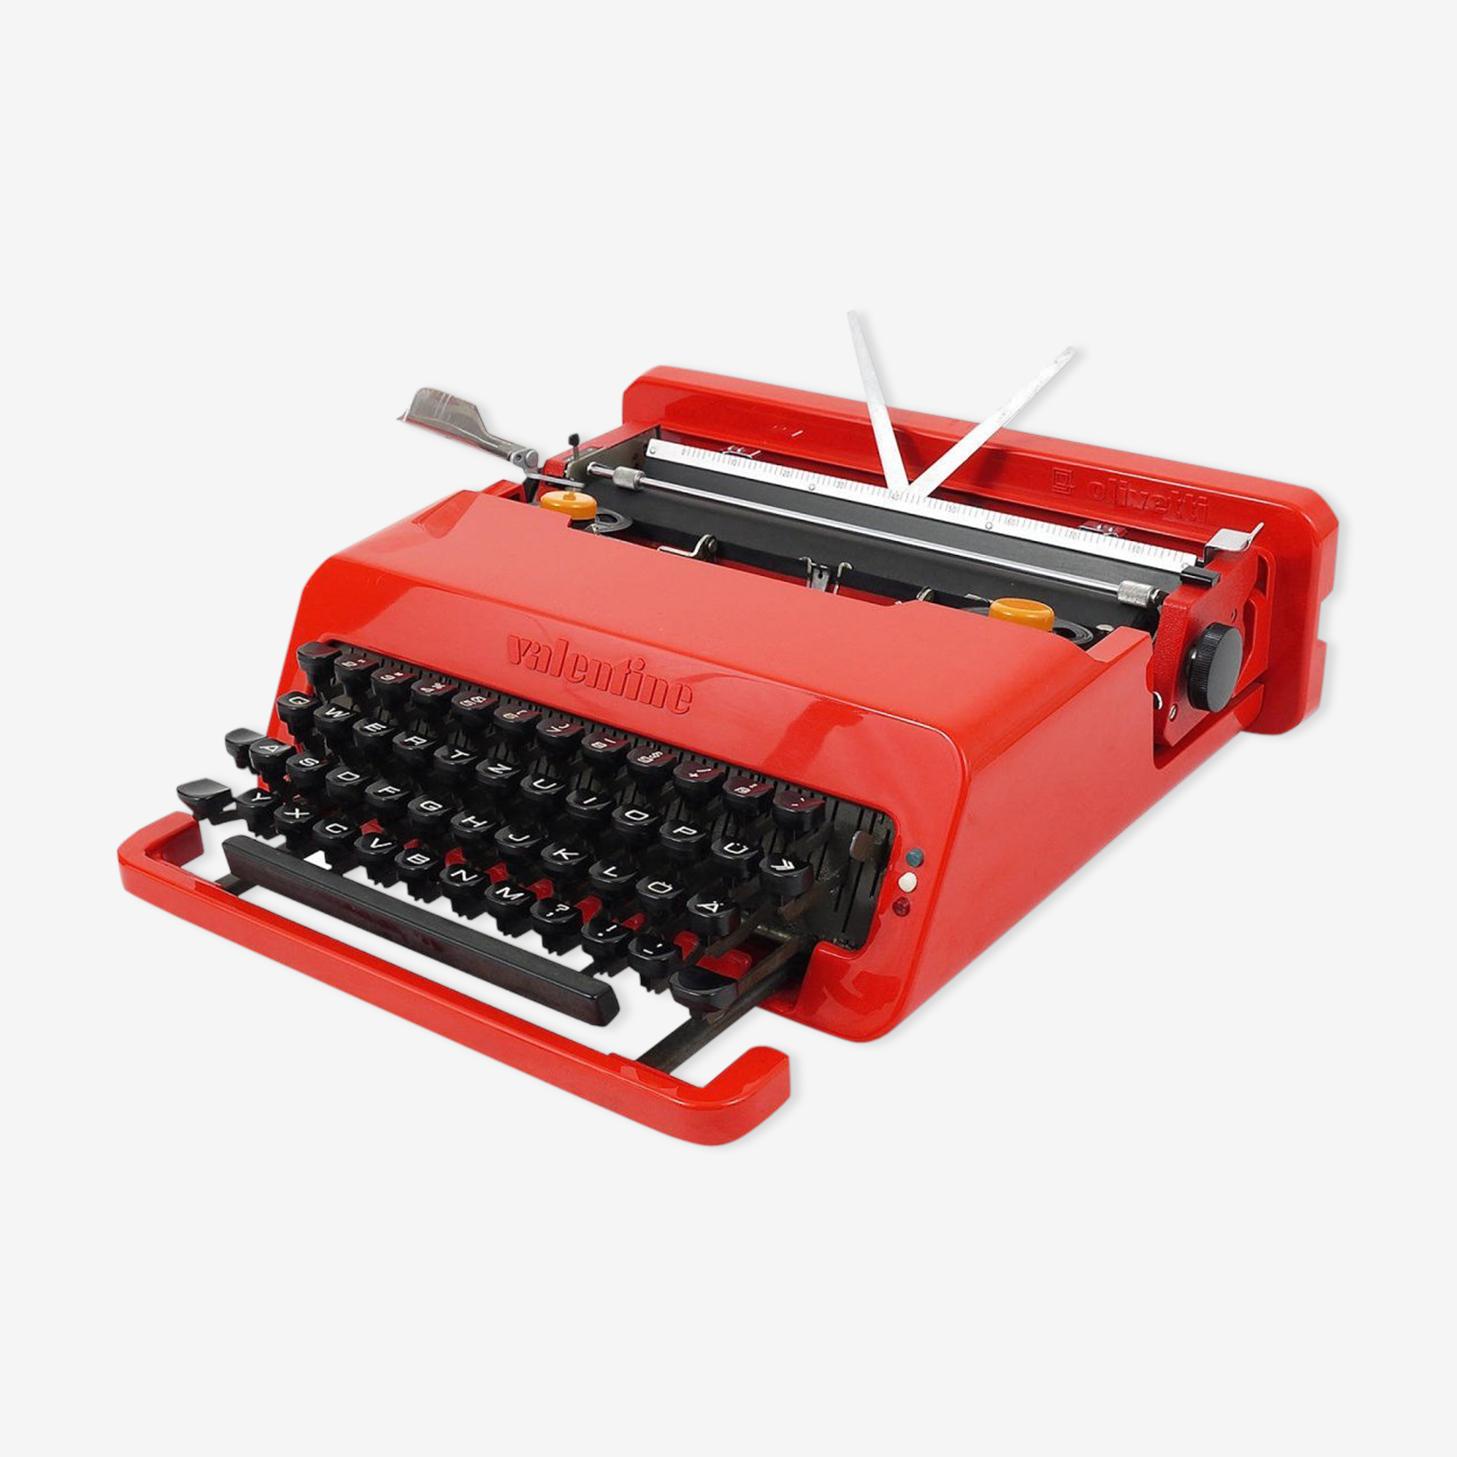 Machine à écrire Valentine Olivetti par Ettore Sottsass de 1969